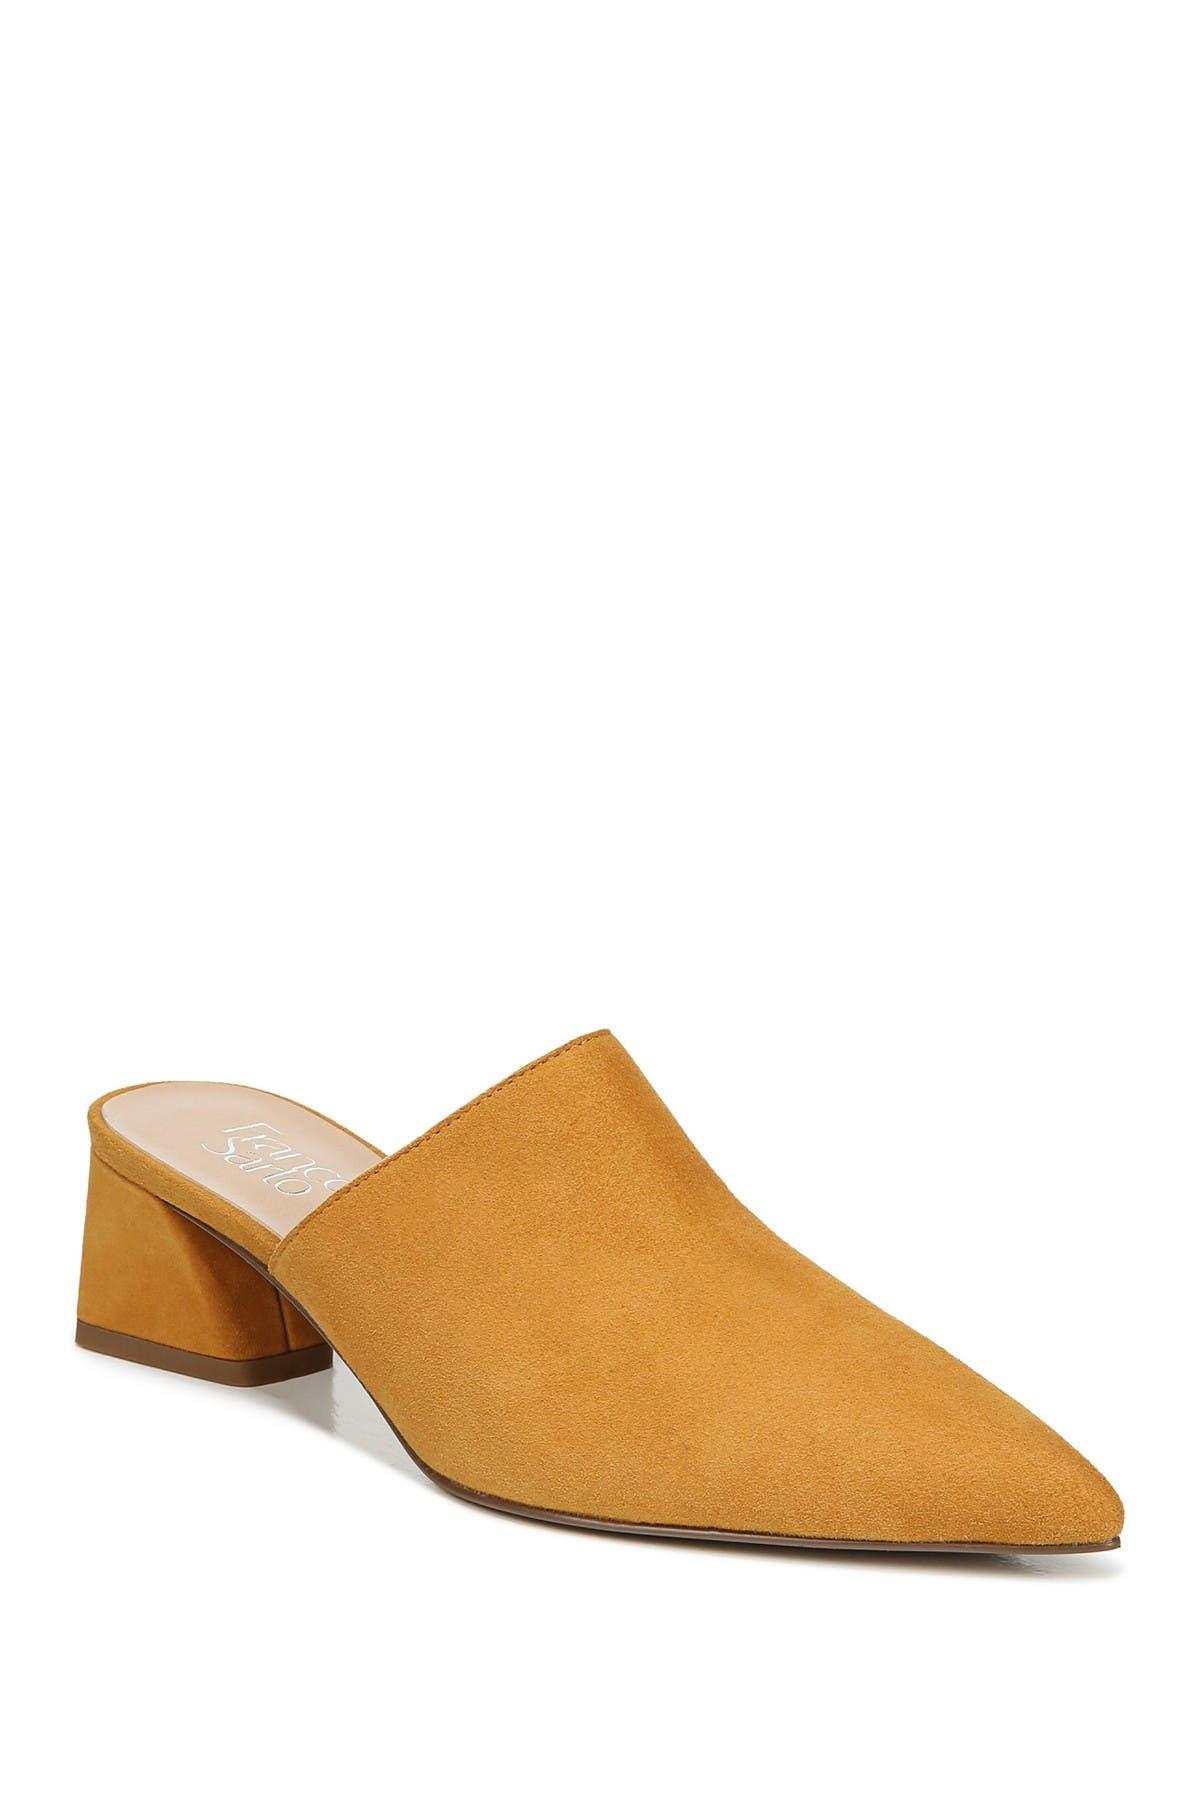 Image of Franco Sarto Rianan Suede Block Heel Mule